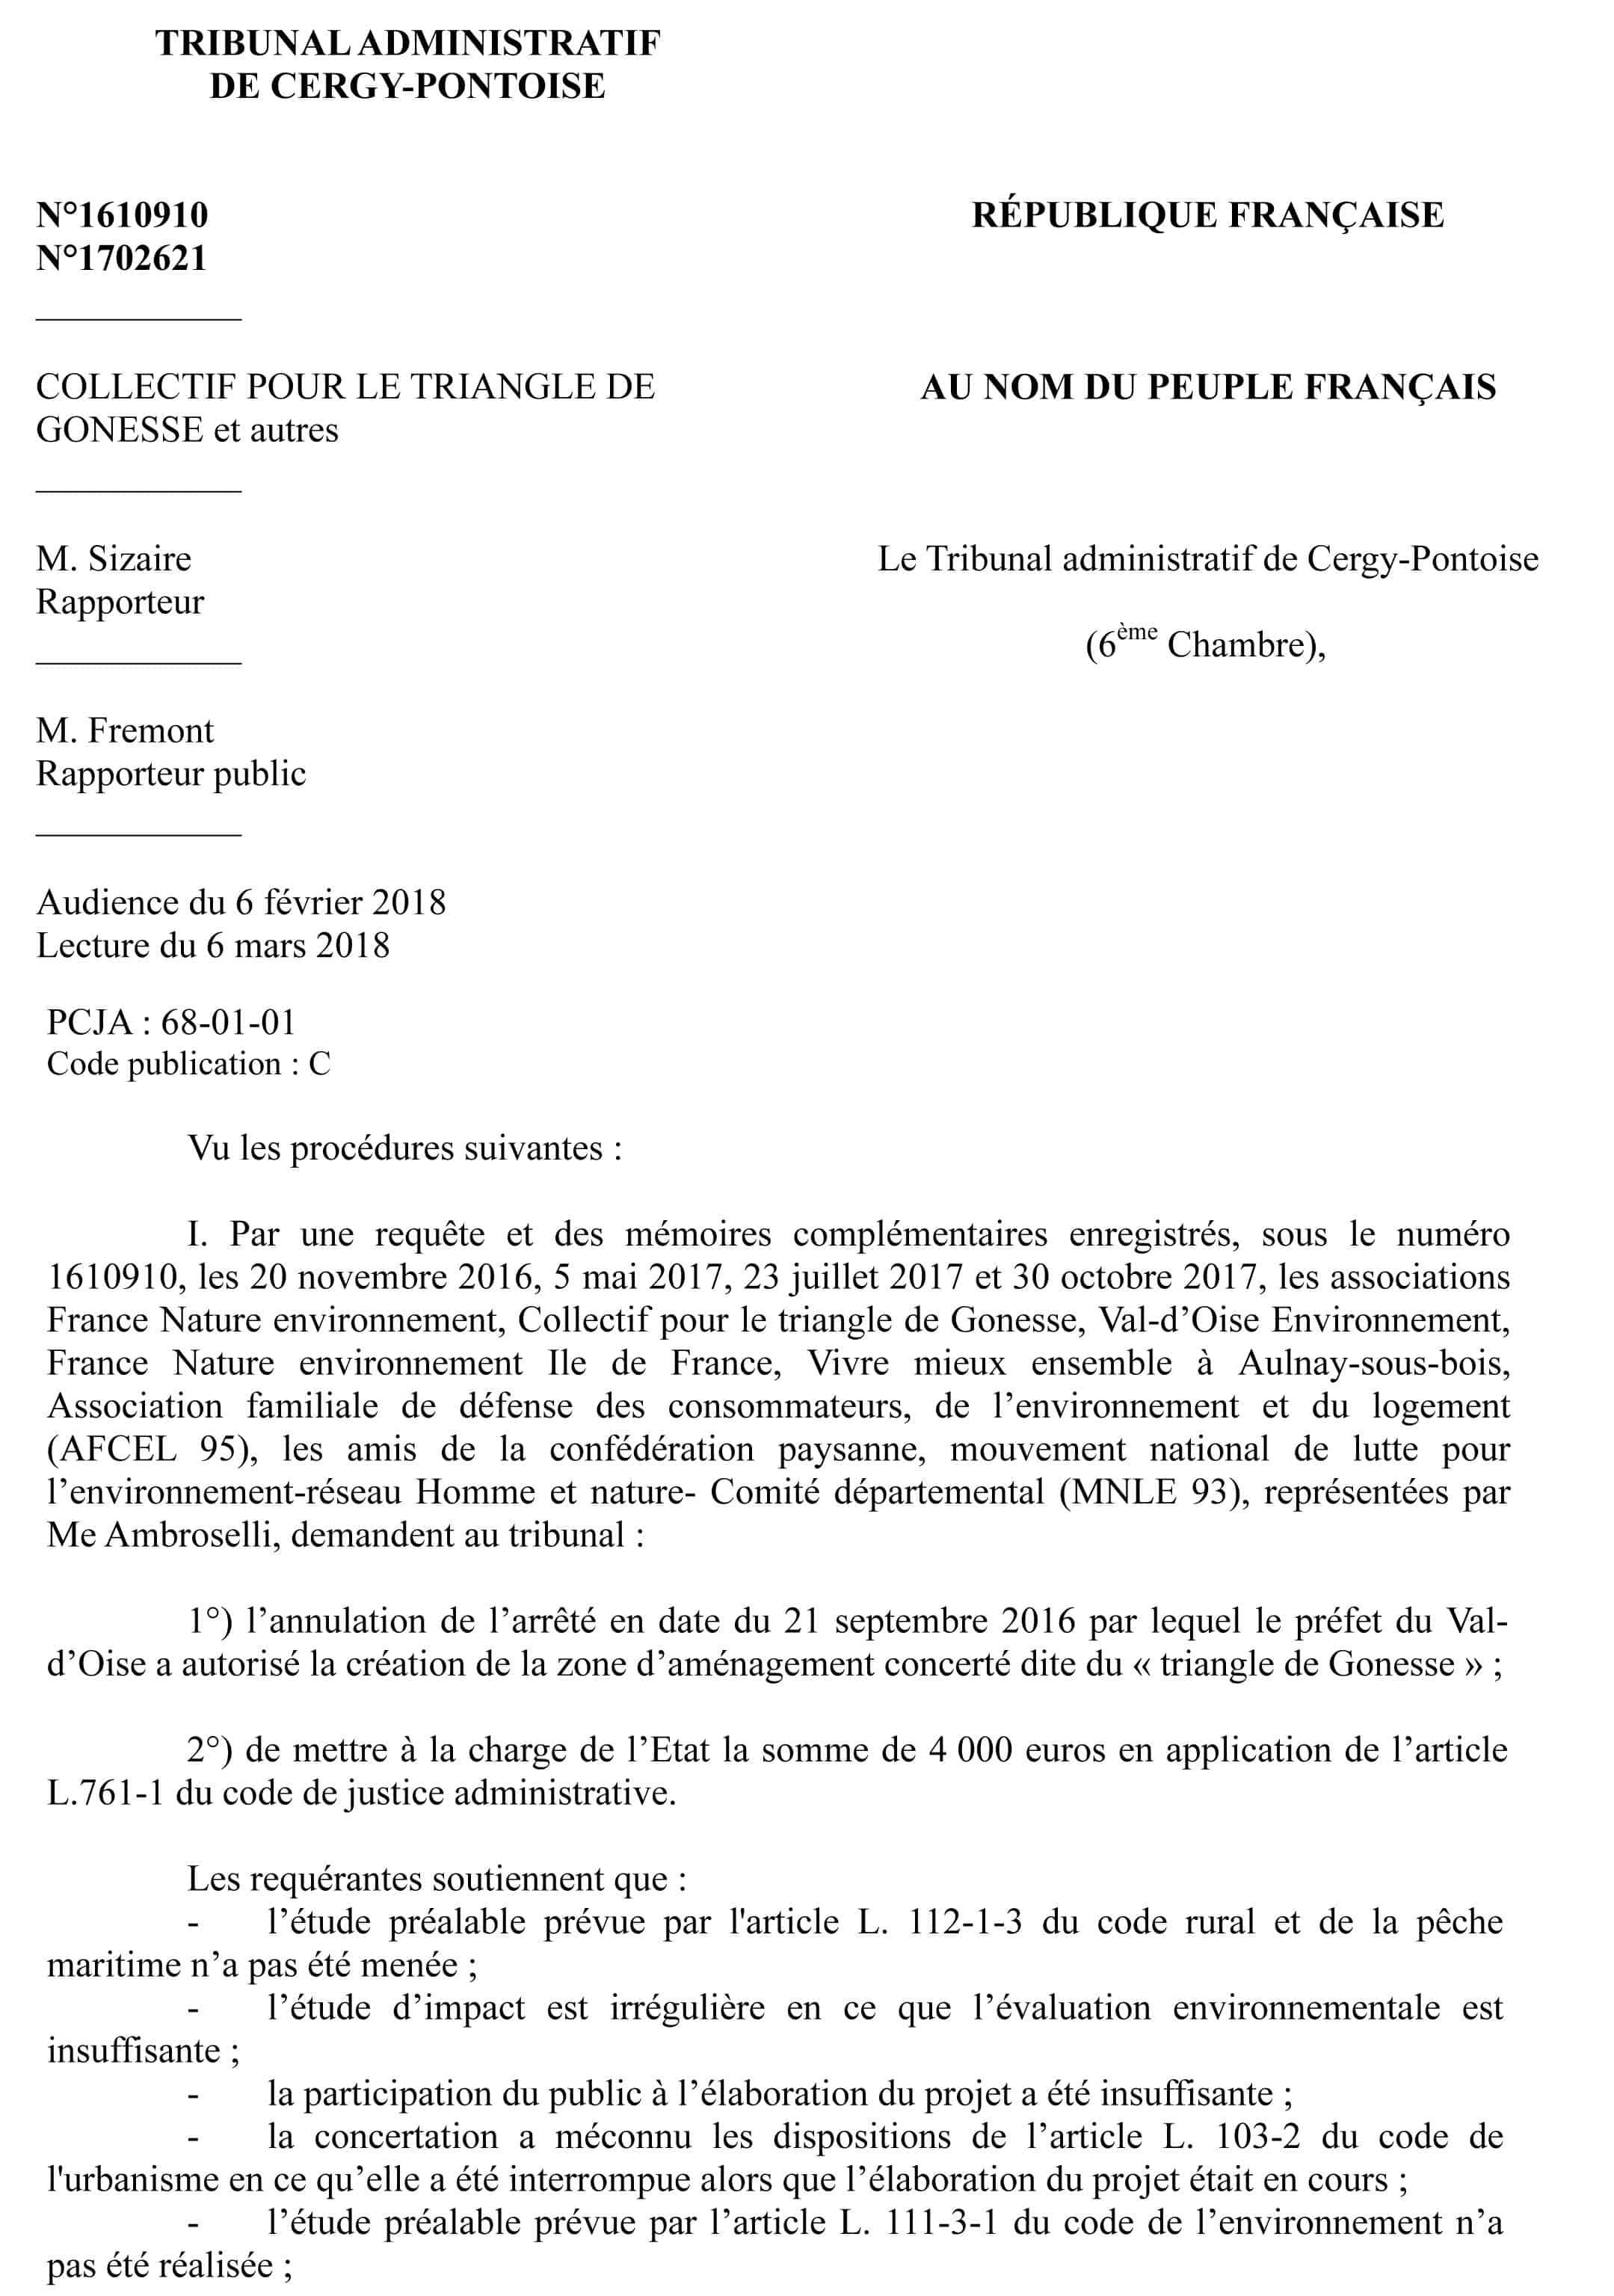 Texte du jugement annulation de la zac triangle de Gonesse